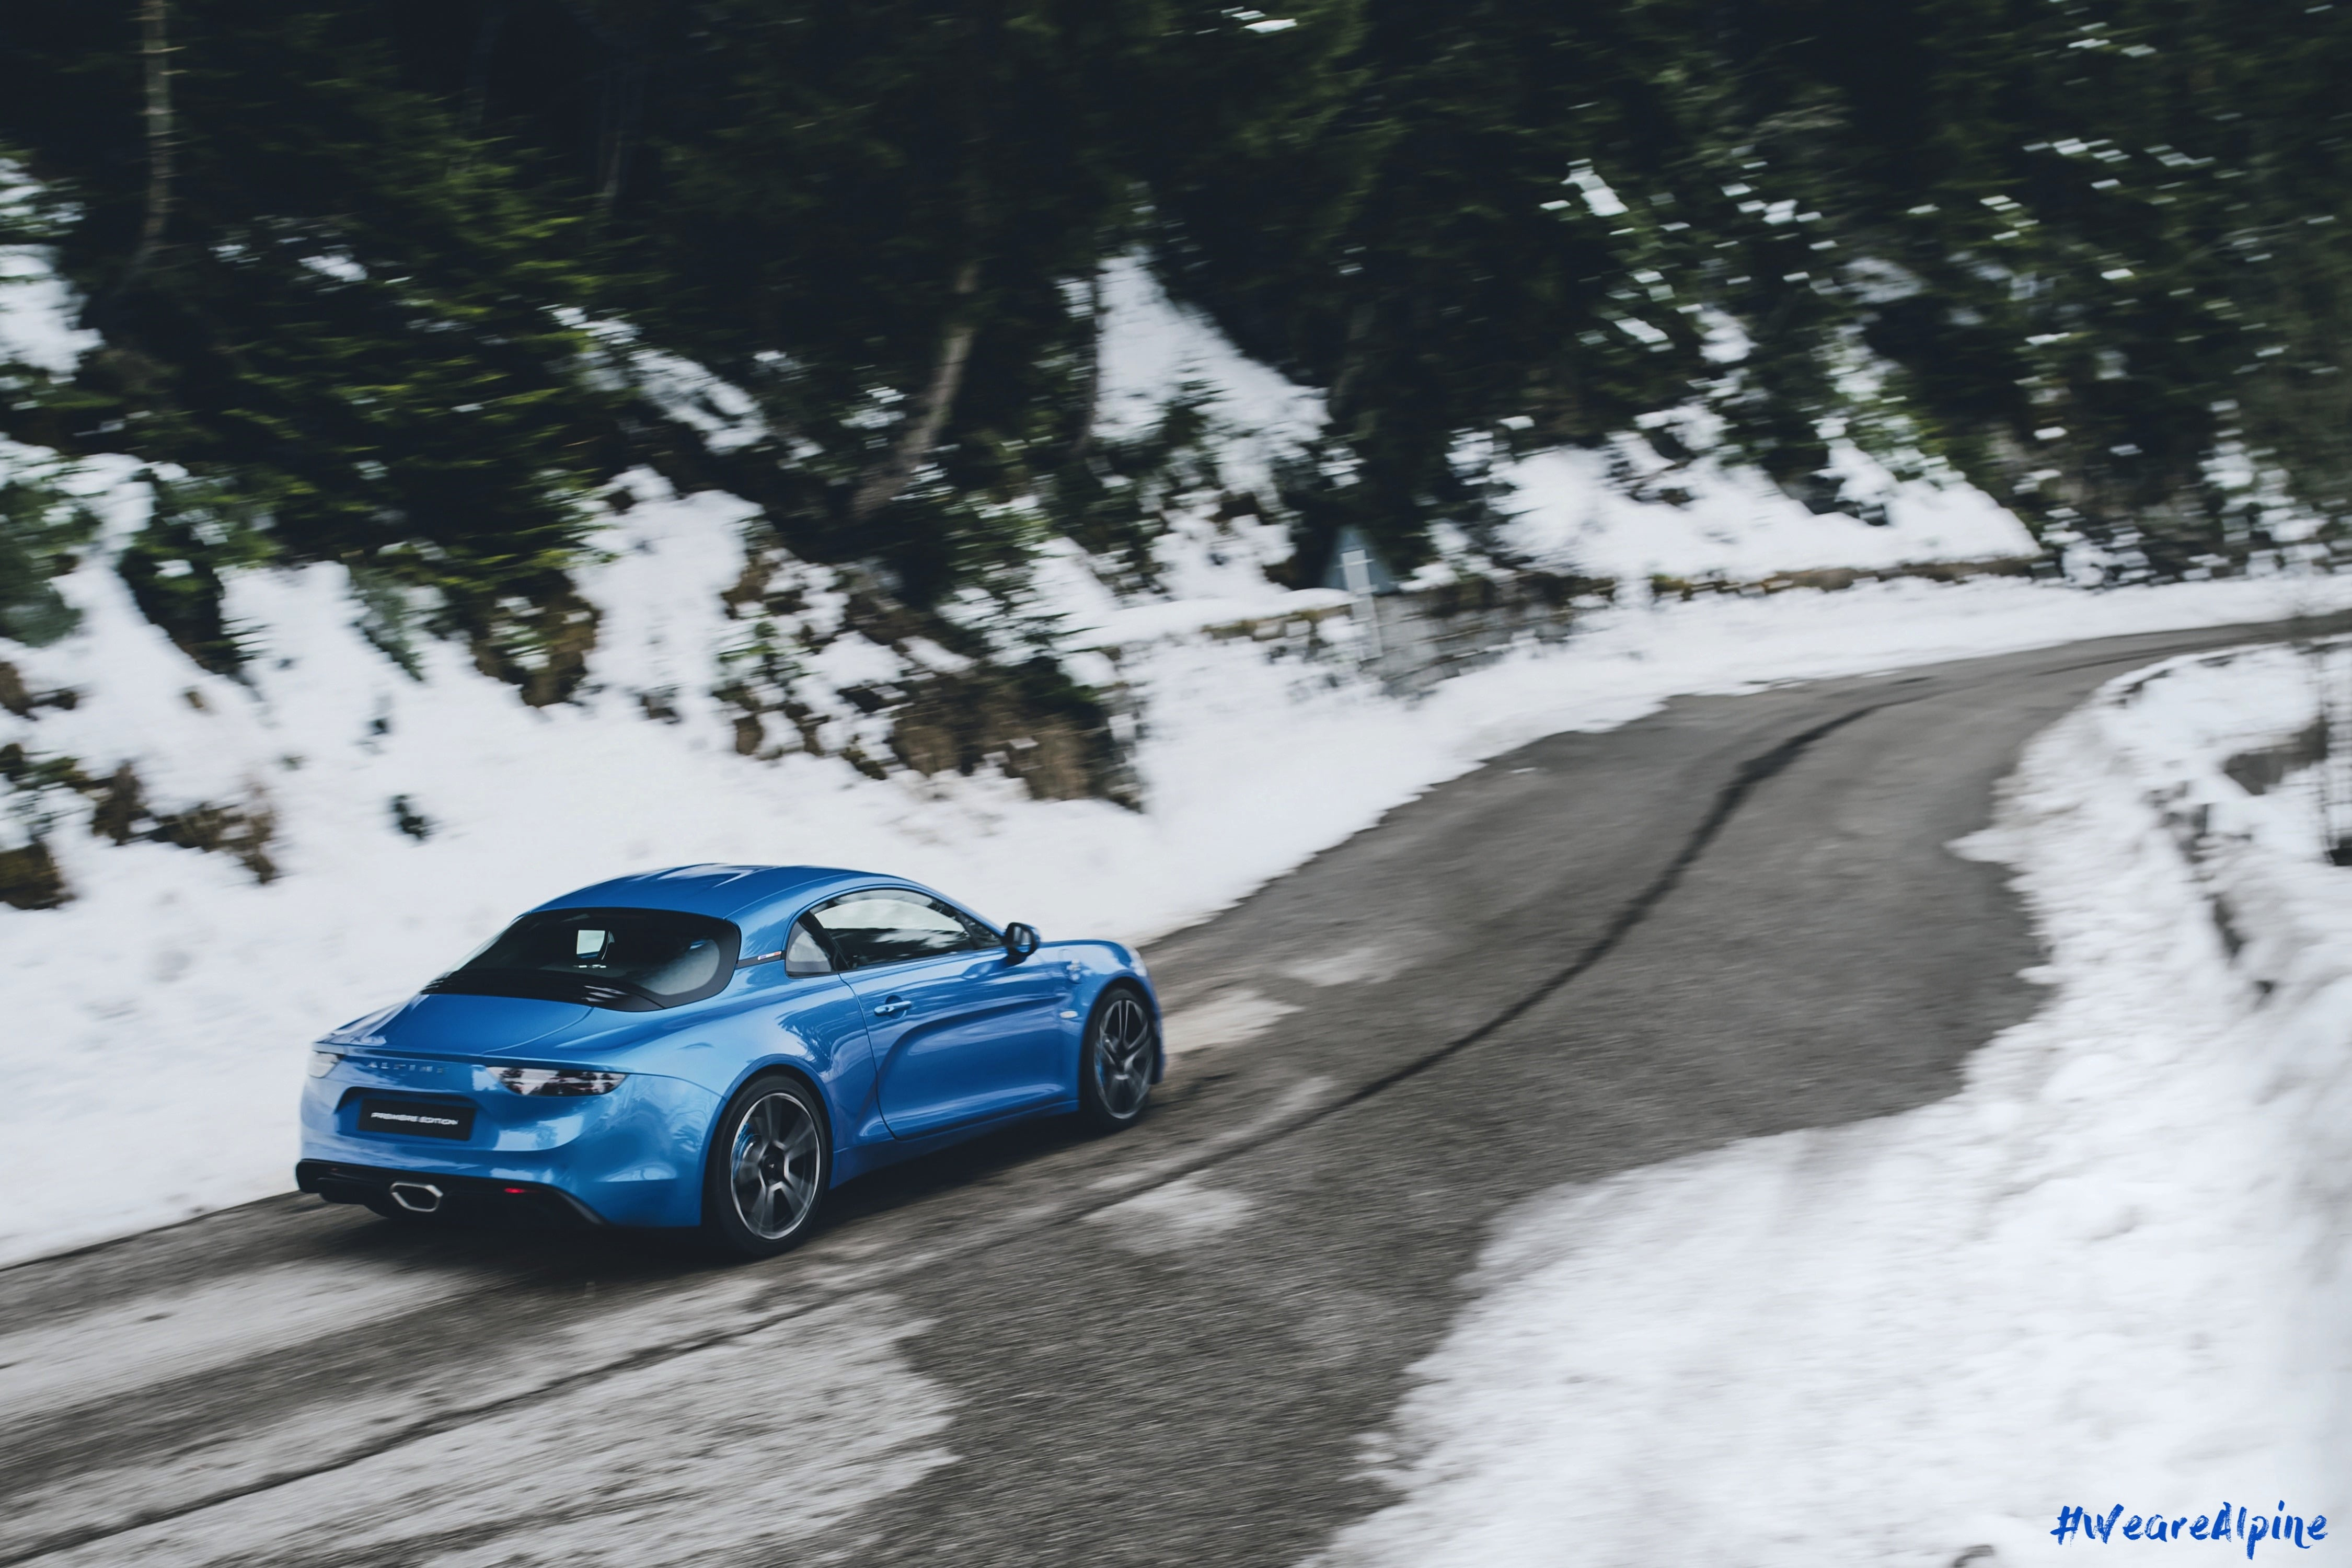 Genève 2017 Alpine A110 Premiere edition officielle 15 imp   Trophée Argus Sportive/Passion 2018: Votez pour l'Alpine A110 !